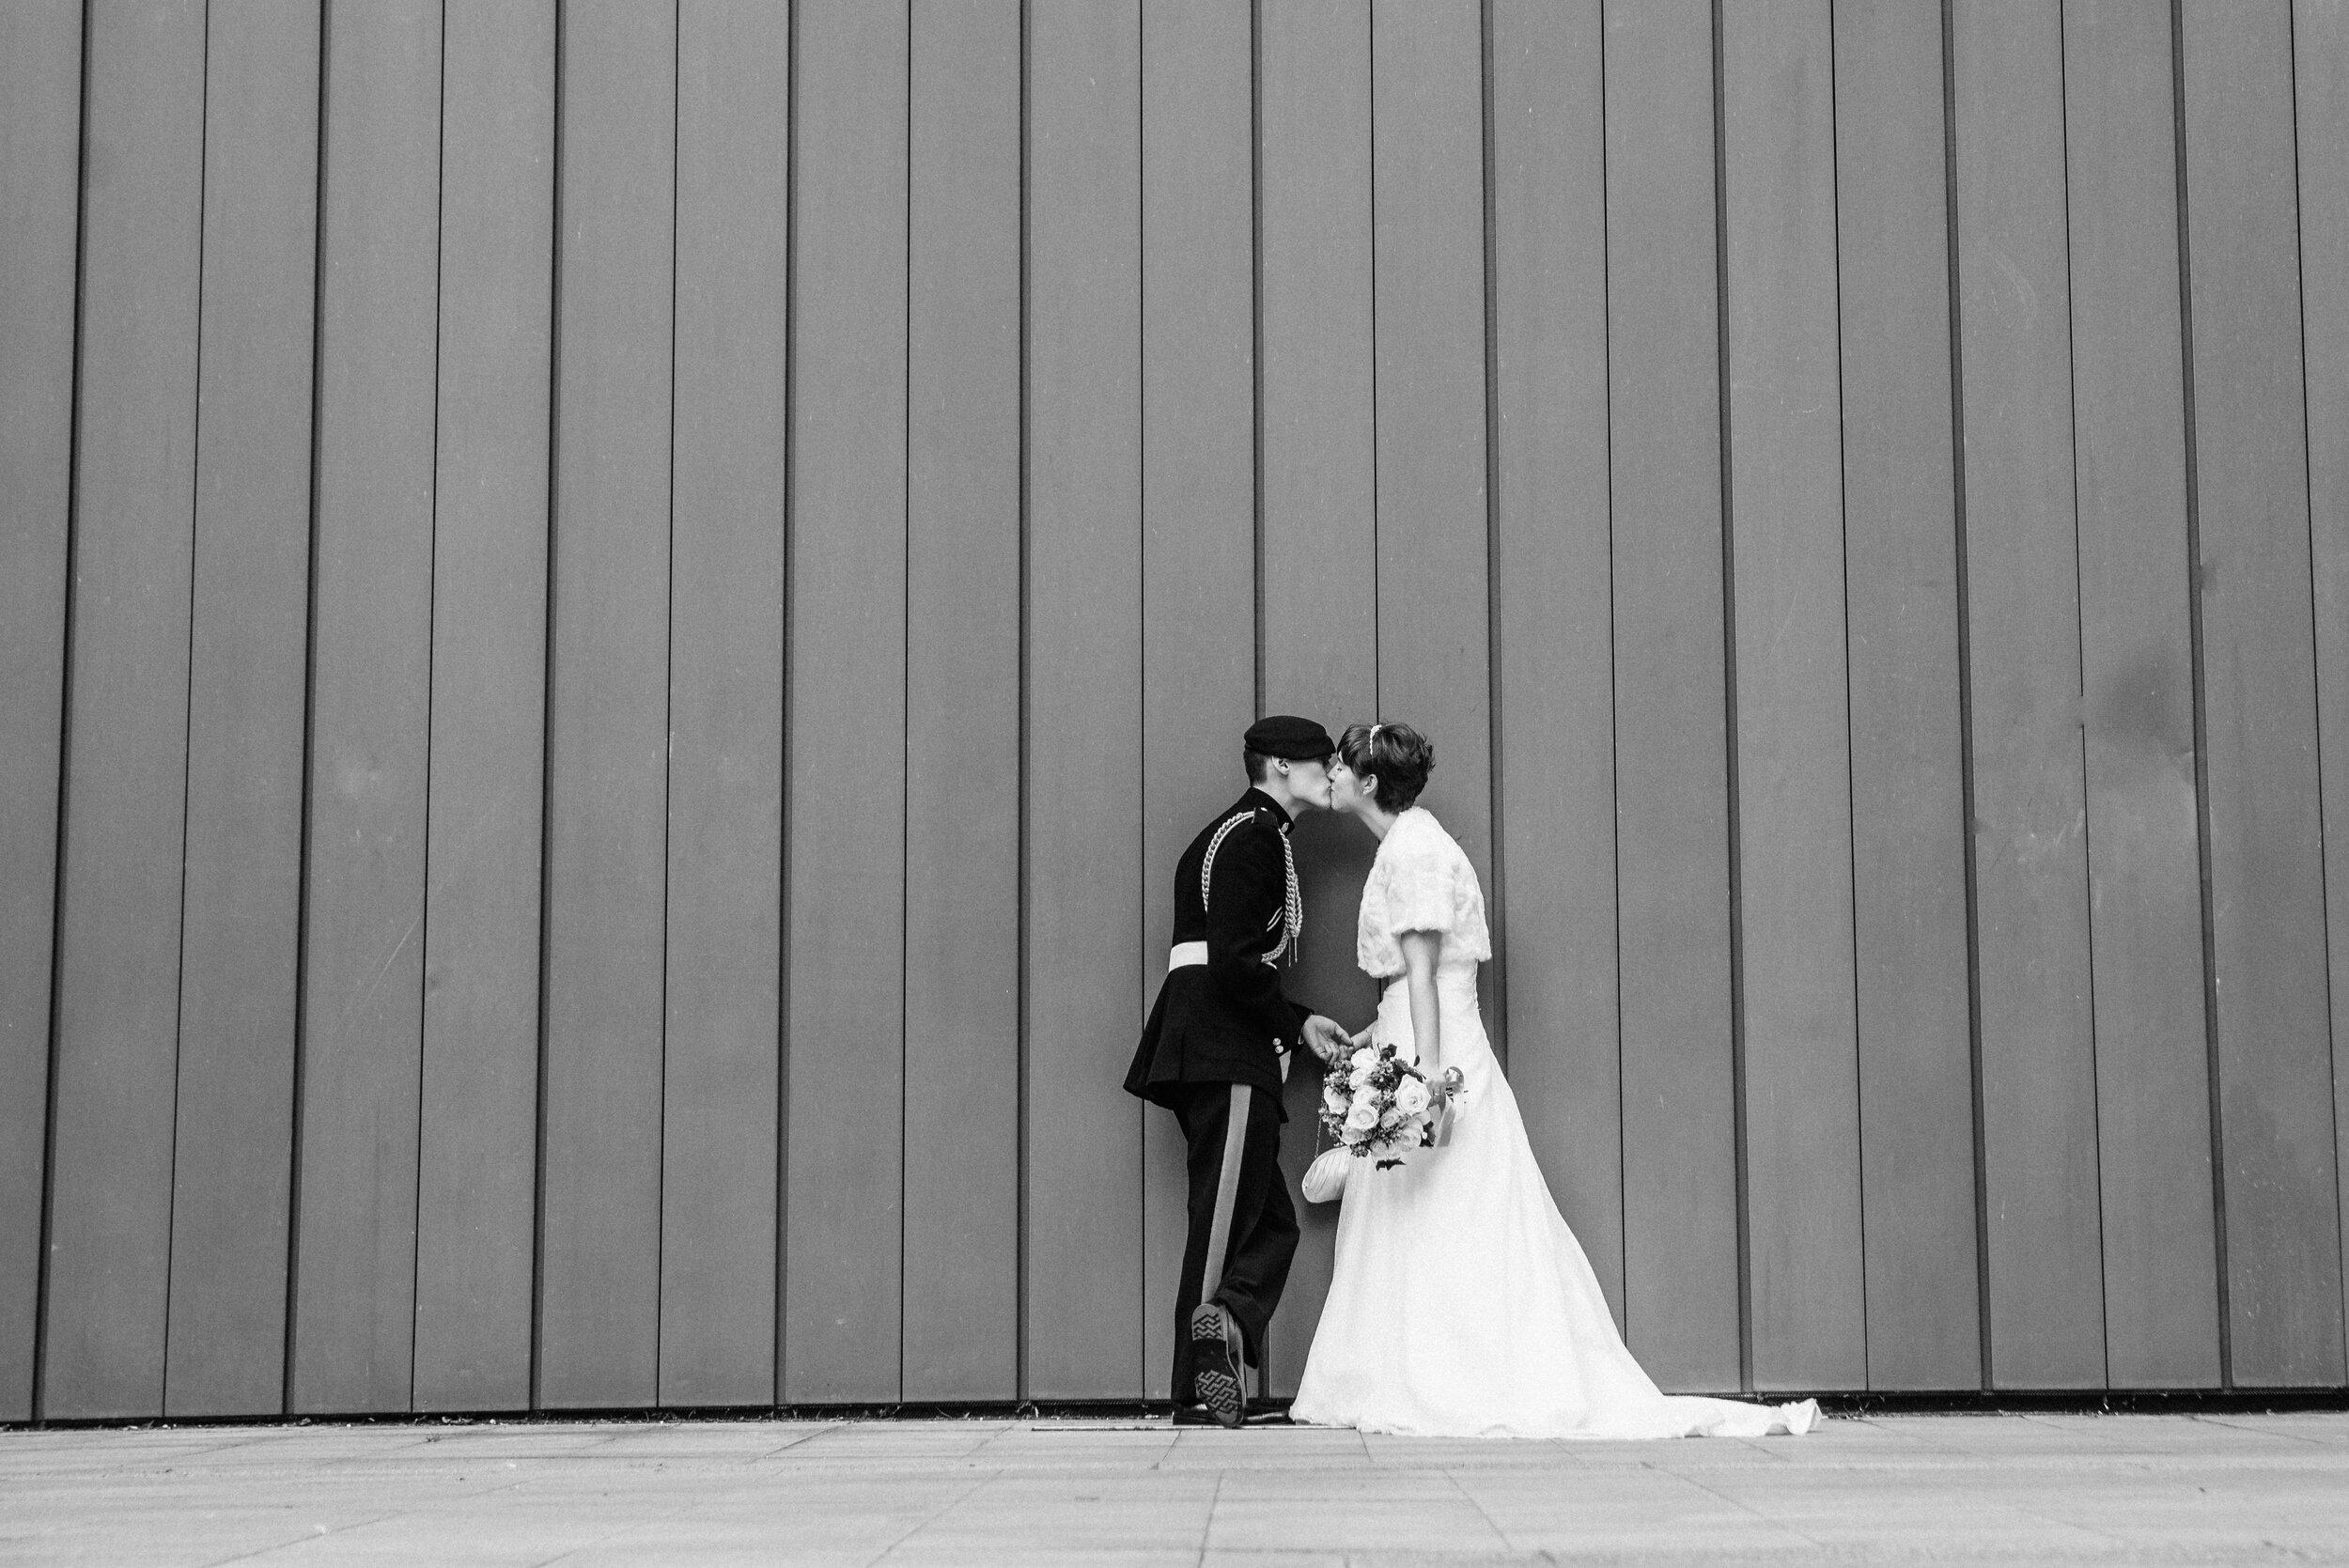 SUFFOLK_WEDDING_PHOTOGRAPHY_ISAACS_WEDDING_VENUE_WEDDINGPHOTOGRAPHERNEARME_iPSWICHWEDDINGPHOTOGRAPHER (59).jpg